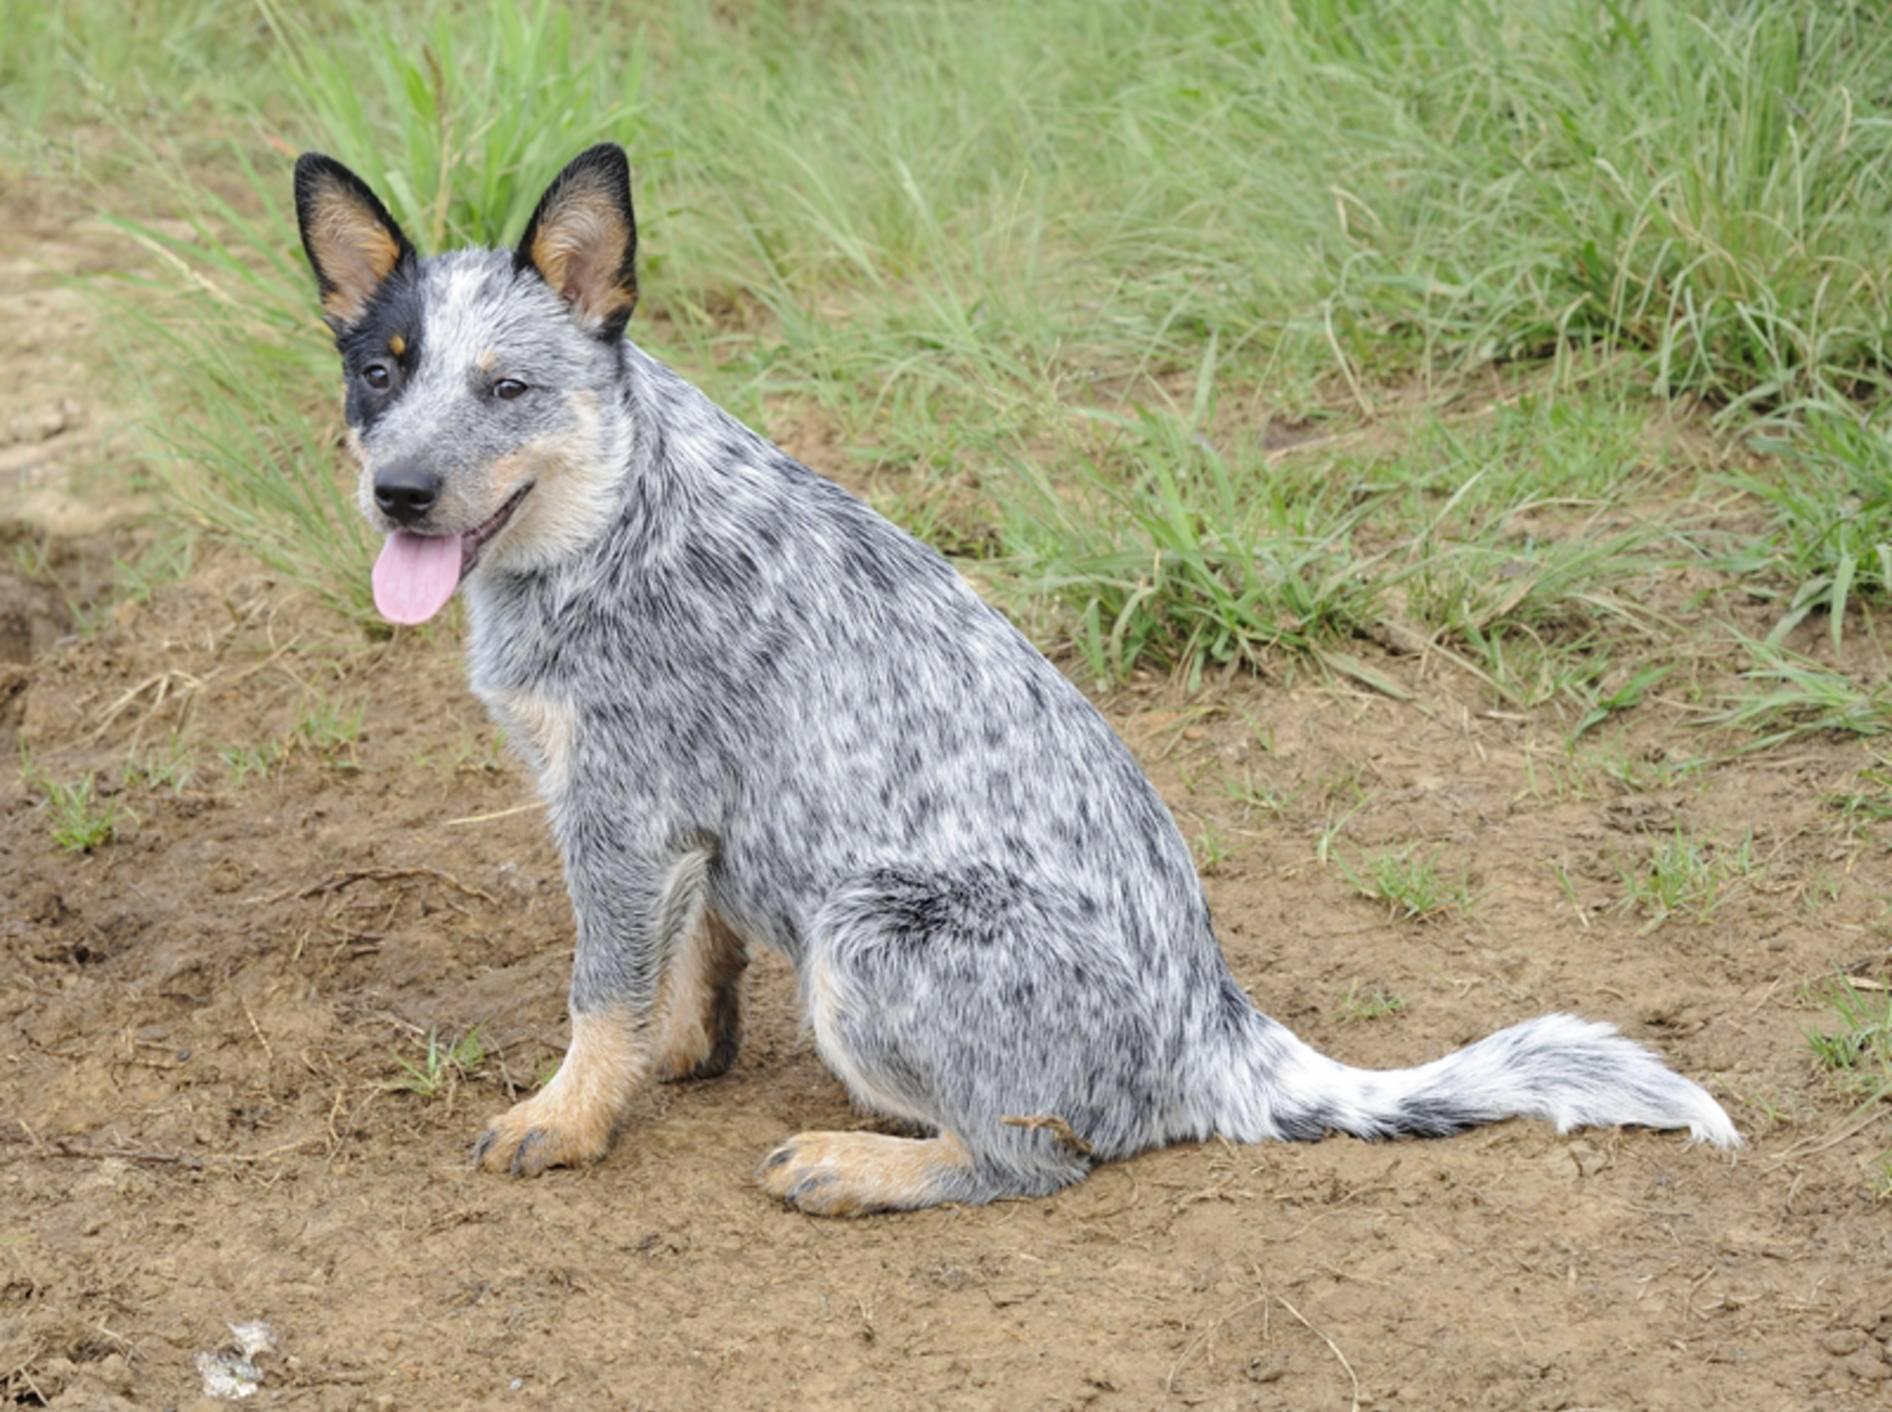 Die Haltung des Australian Cattle Dogs erfordert viel Zeit und Beschäftigung mit dem Tier – Bild: Shutterstock / WOLF AVNI